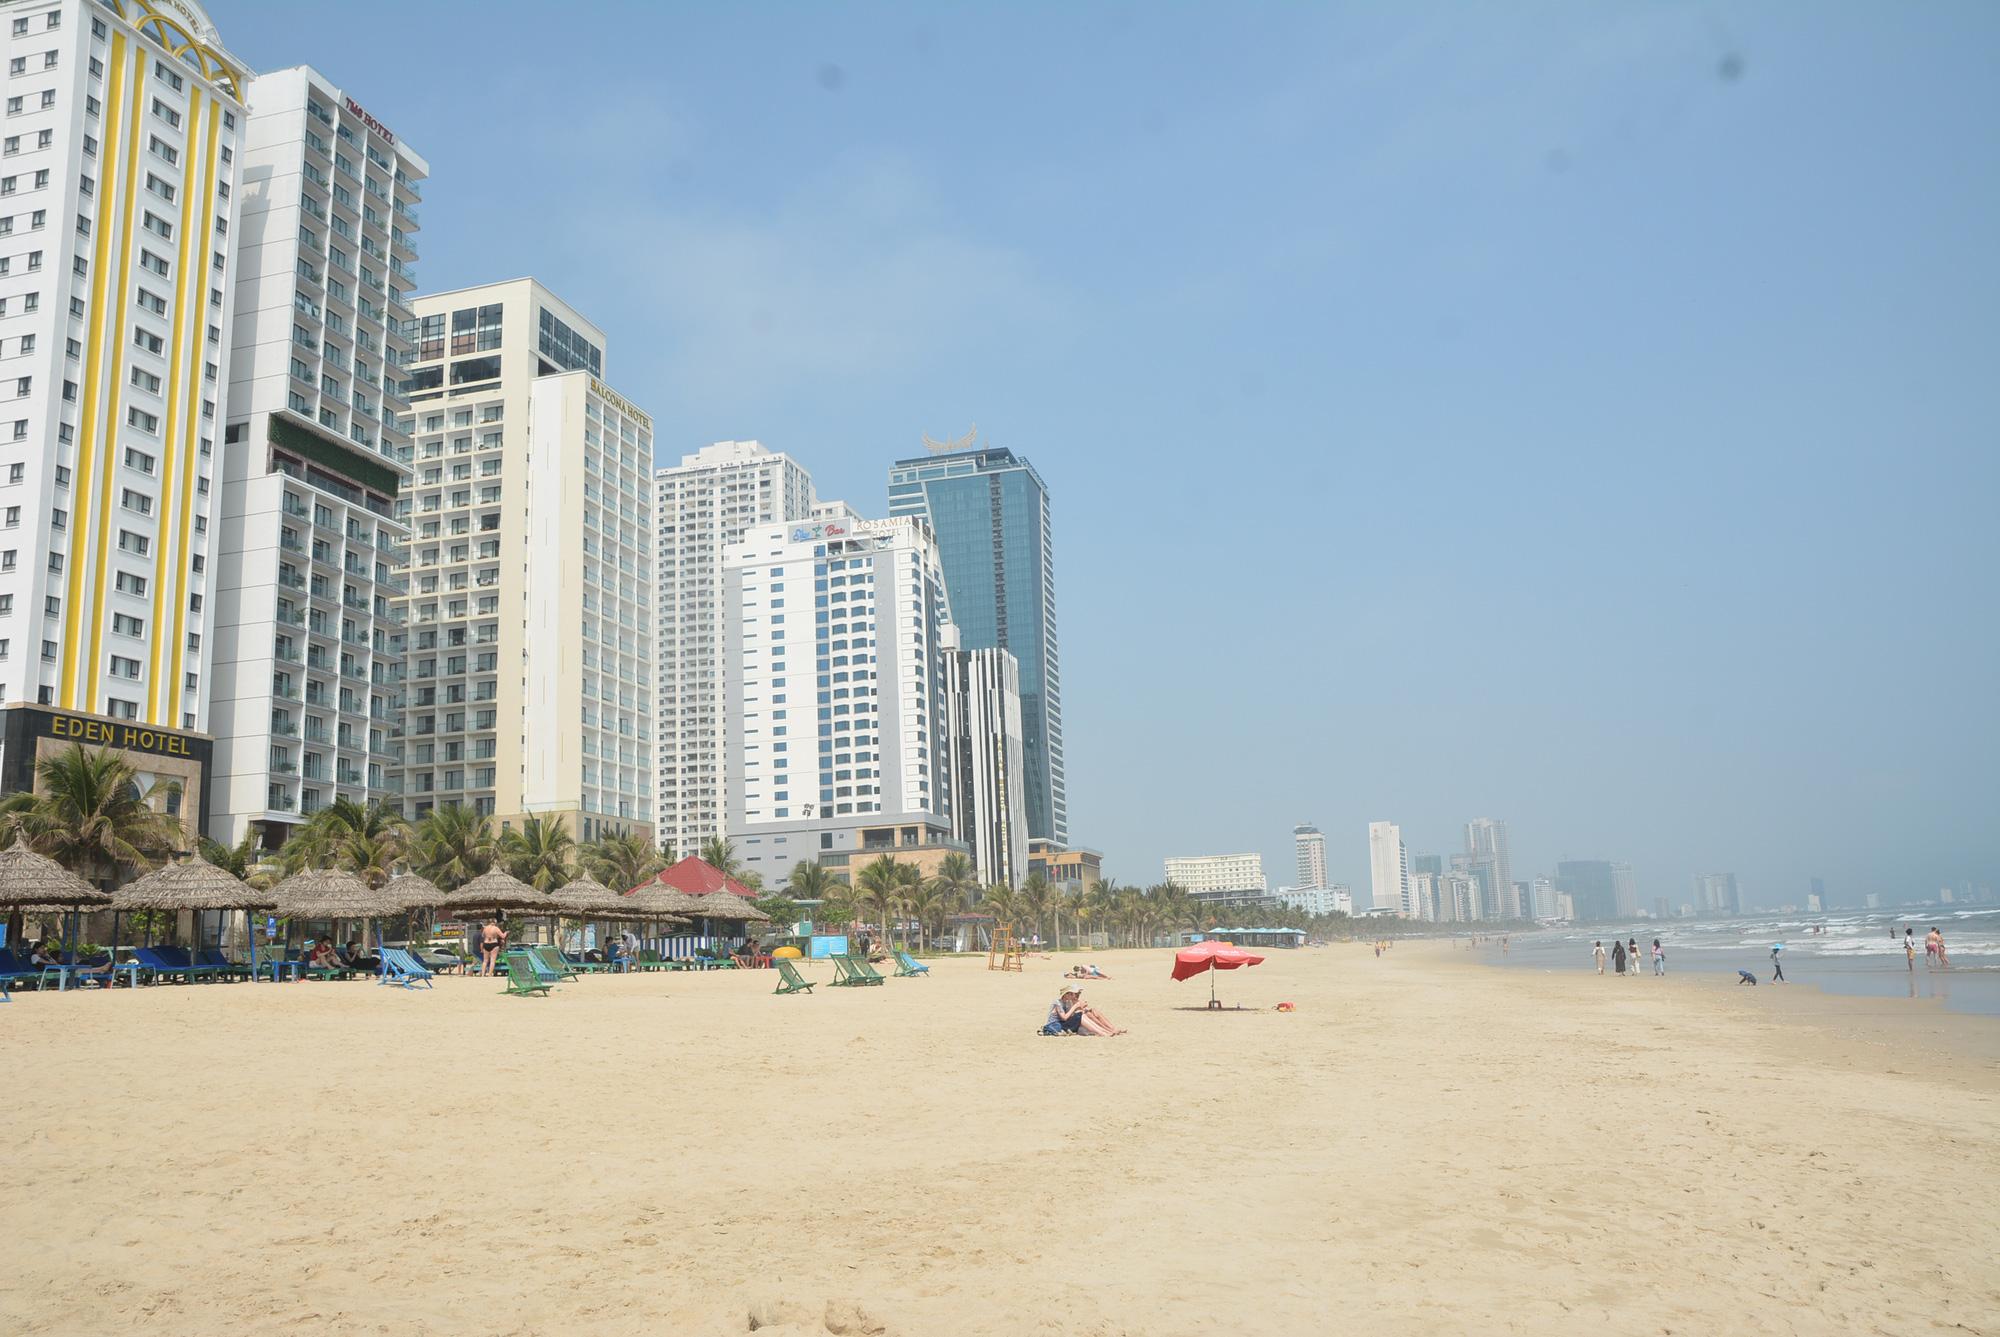 Đà Nẵng: Du khách thảnh thơi vui chơi ở bãi biển khi dịch Covid-19 được phòng tốt - Ảnh 1.